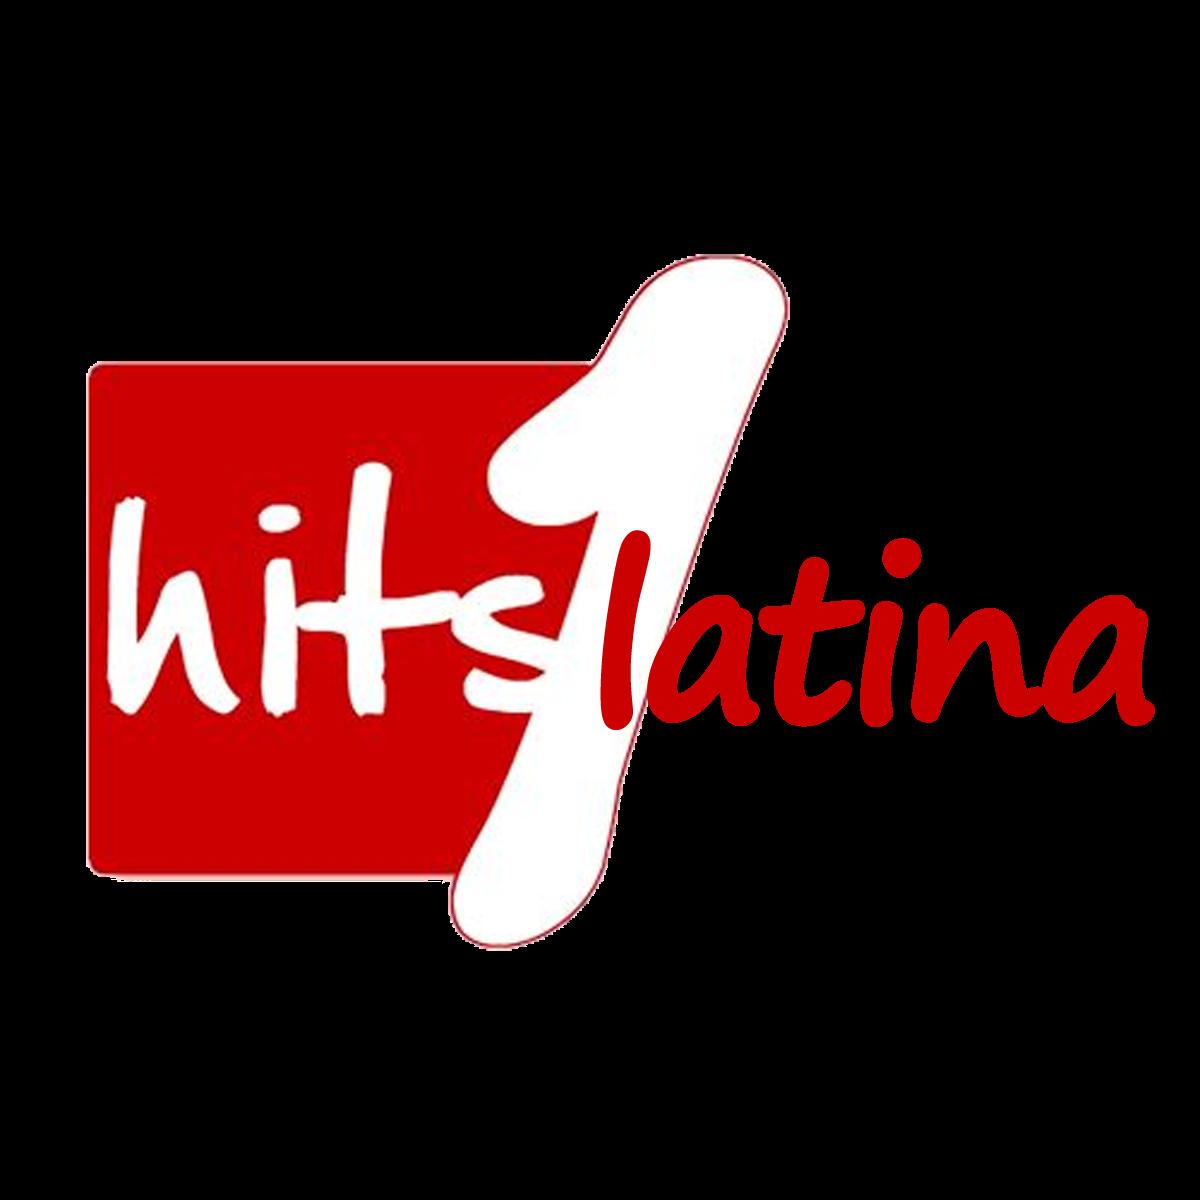 Hits 1 latina ACC